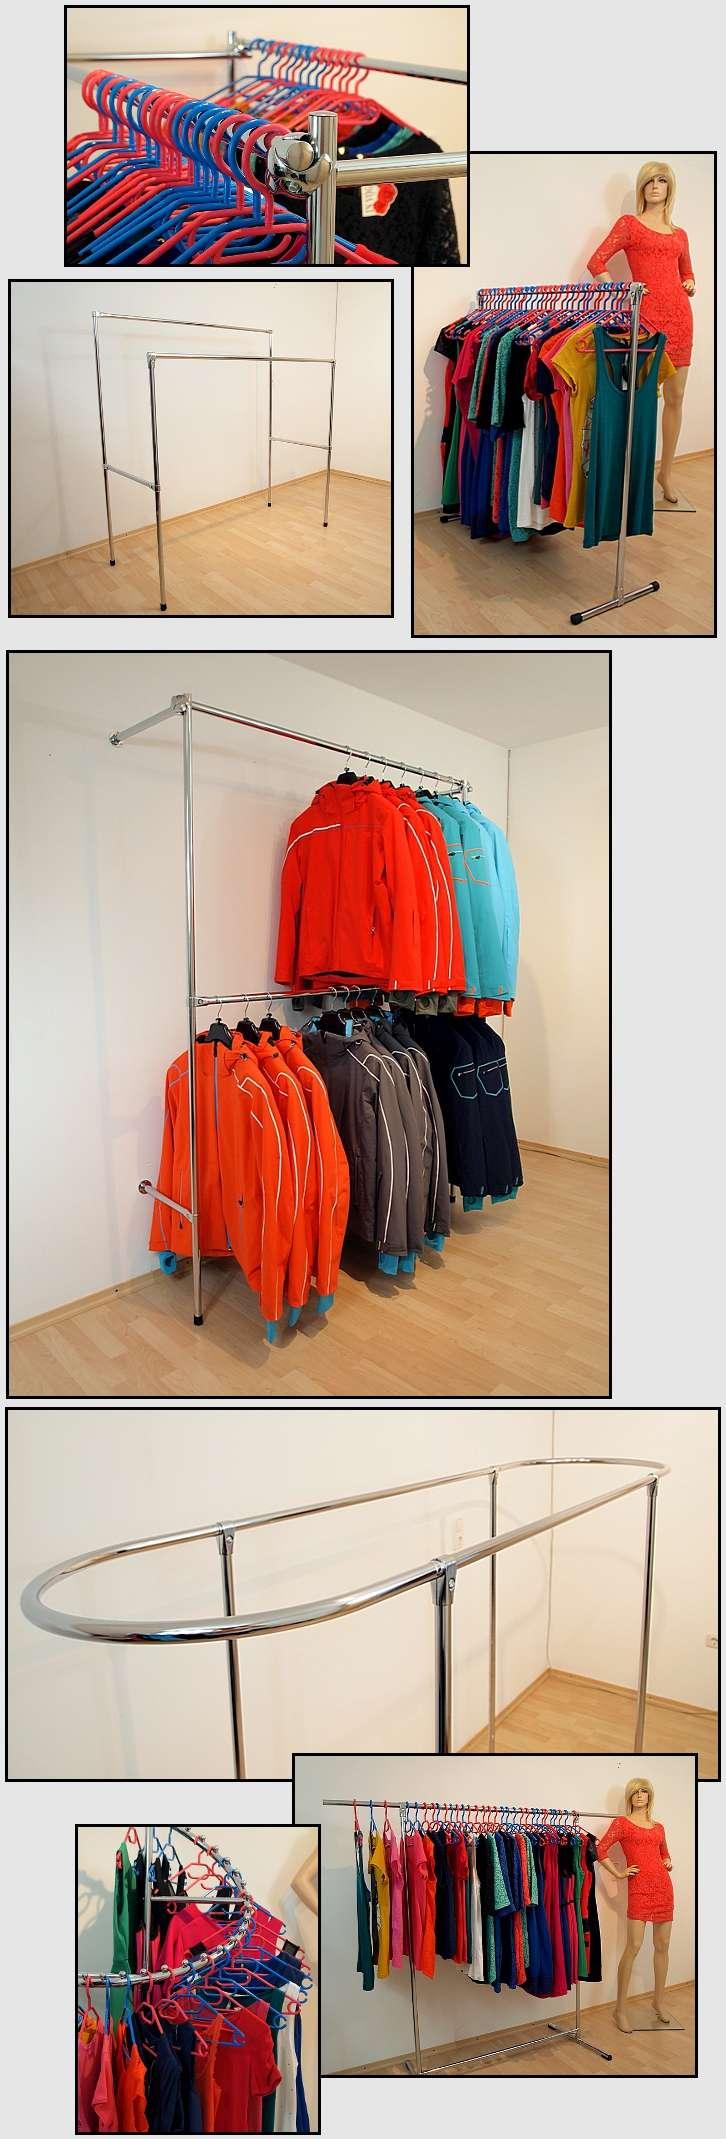 400x240x40 profi kleiderst nder wandst nder garderoben system kleiderstange ebay. Black Bedroom Furniture Sets. Home Design Ideas